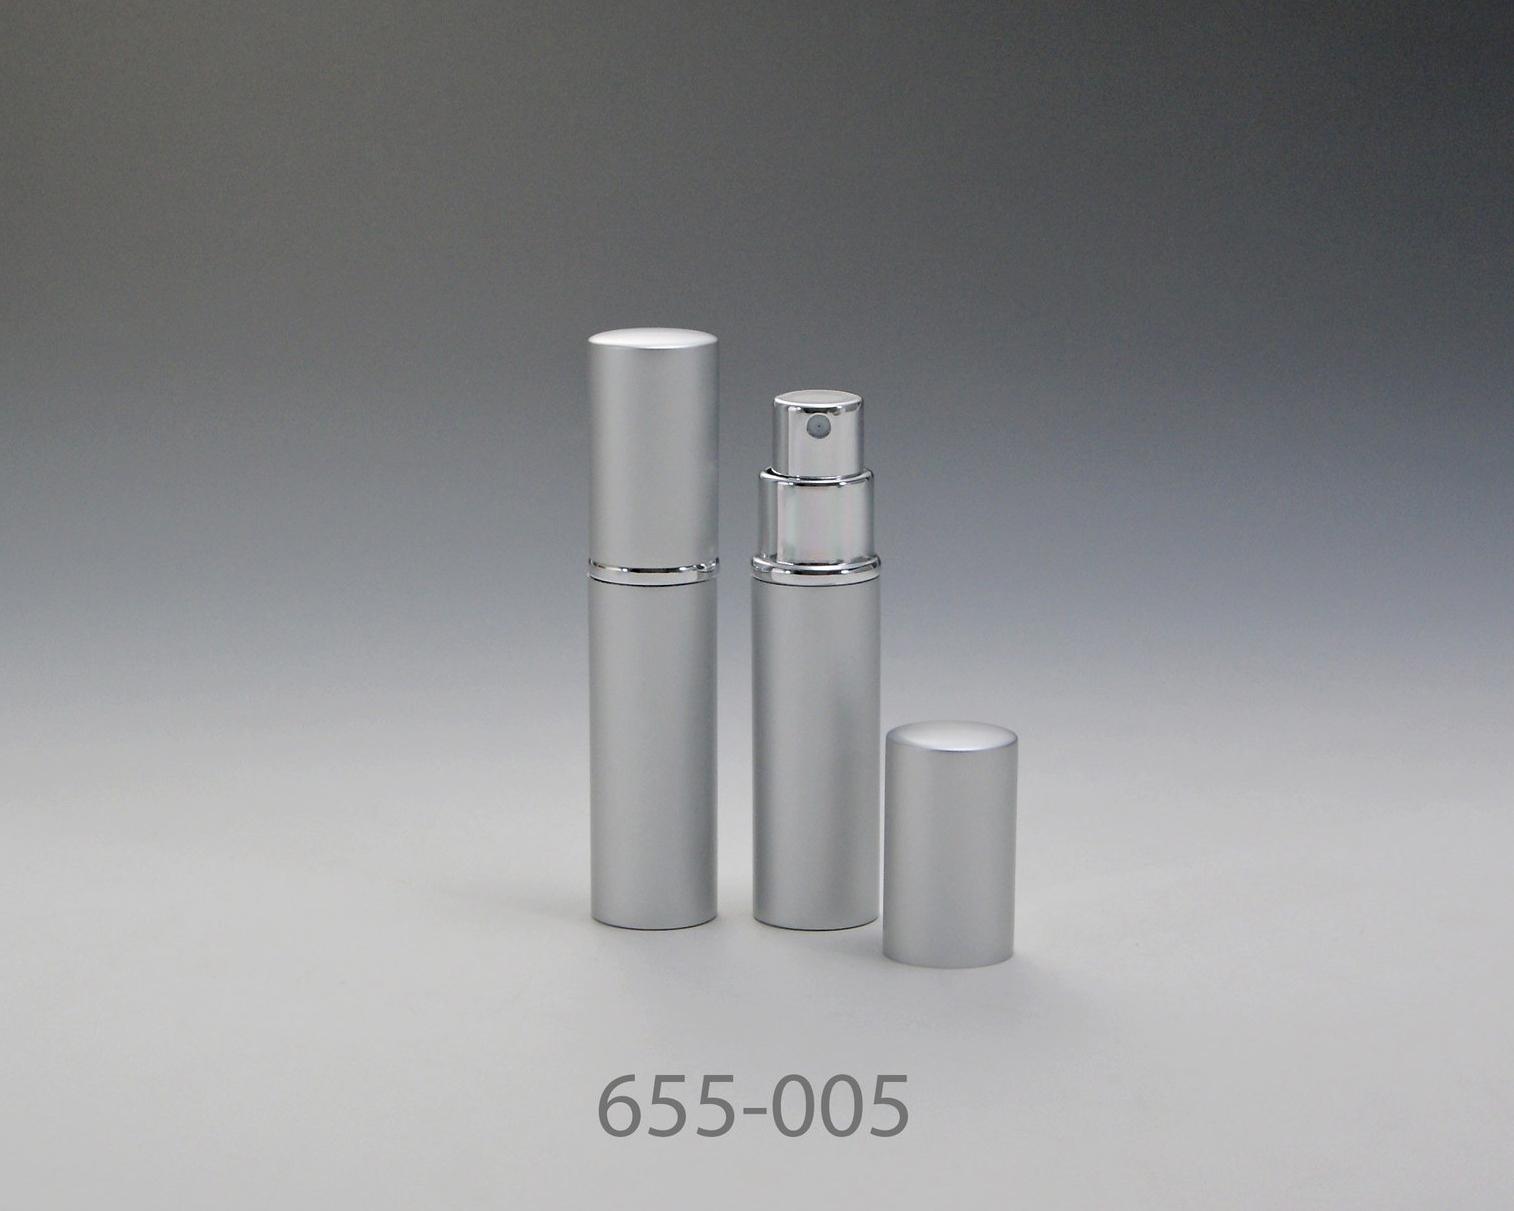 655-005.jpg